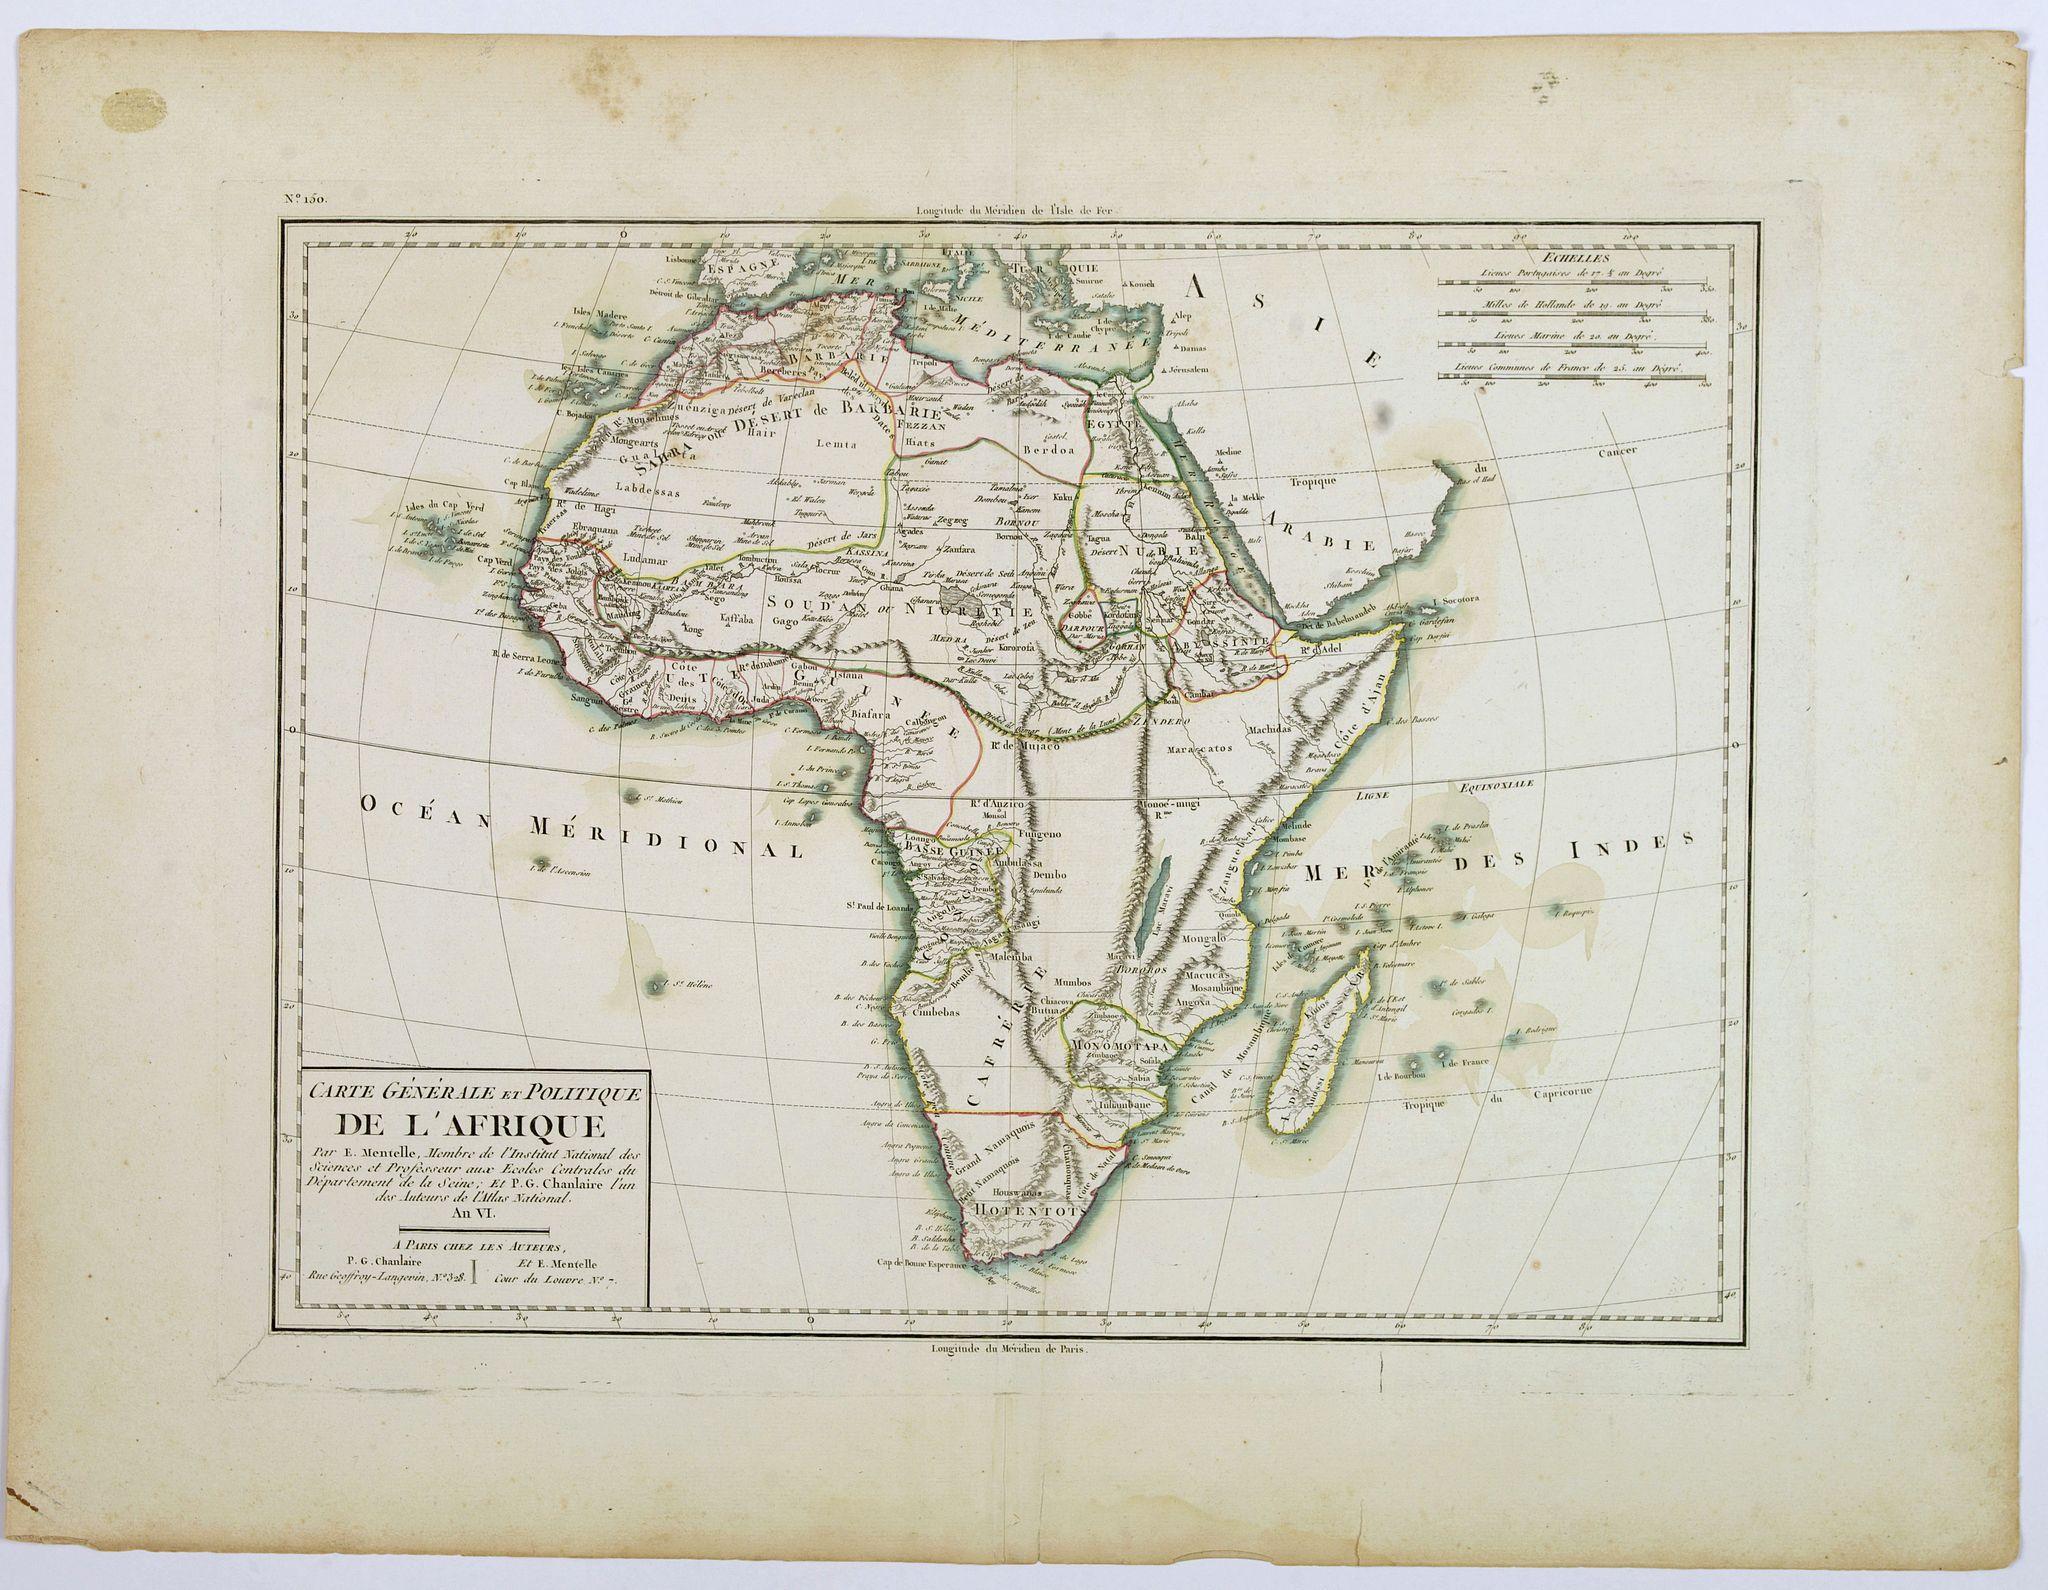 CHANLAIRE, P.G. / MENTELLE, E. - Carte Generale et Politique de L'Afrique.